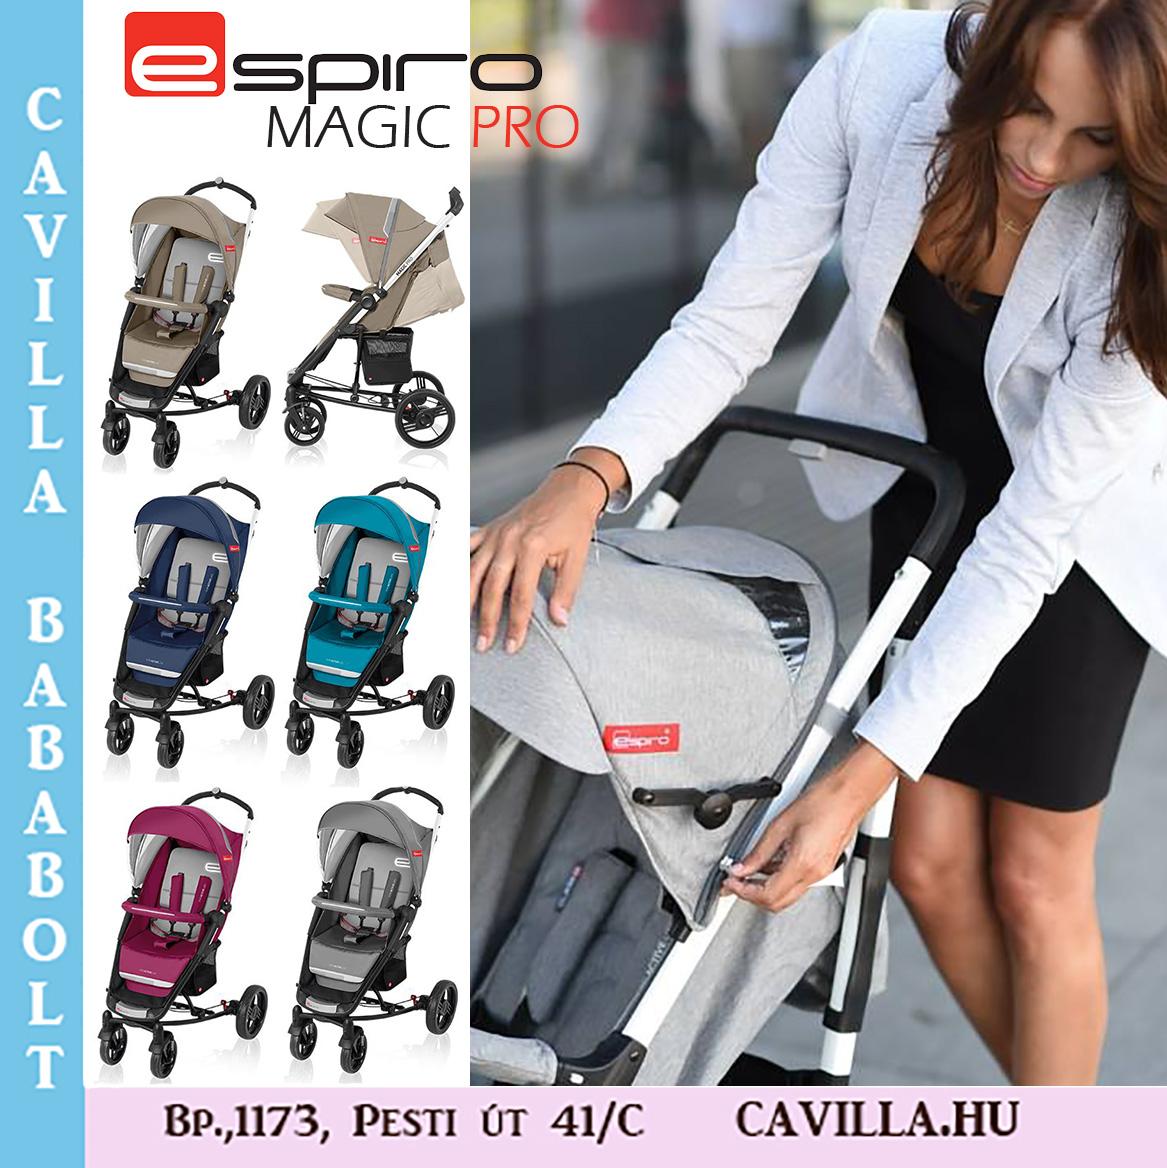 Espiro - Termékek márkák szerint - Cavilla Bababolt 6f27e2de5e